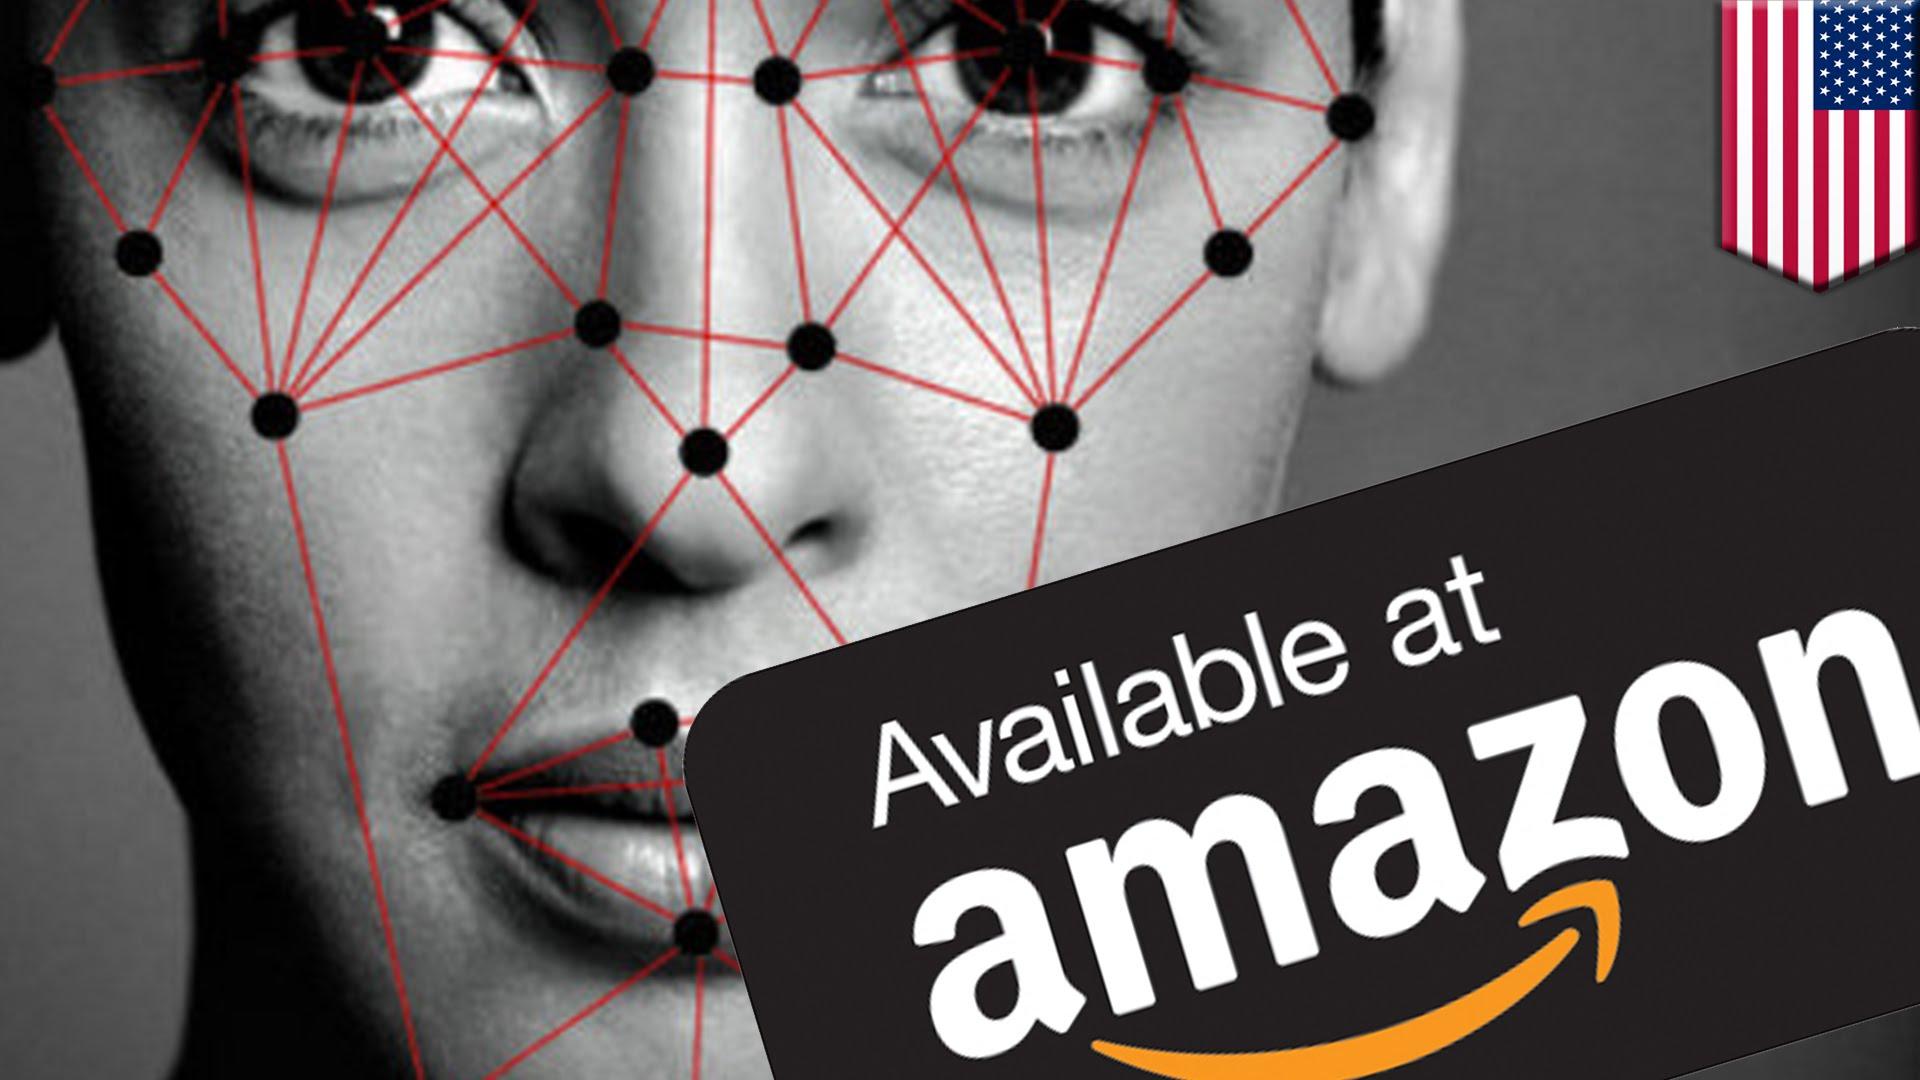 Ανταρσία στην Amazon για την αναγνώριση προσώπου